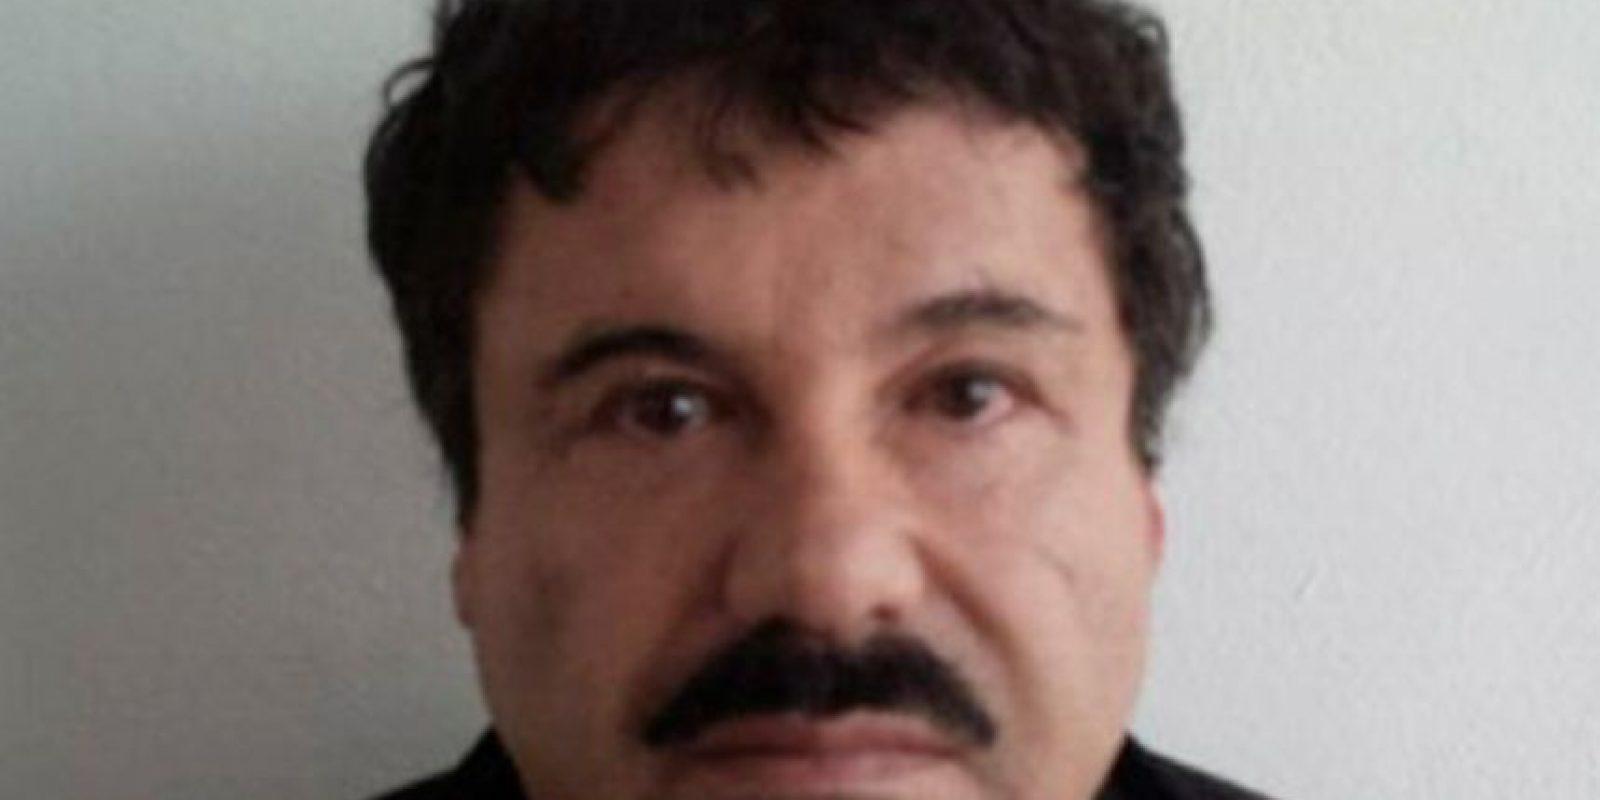 Al narcotraficante lo atraparon en una alcantarilla. Foto:vía AFP. Imagen Por: